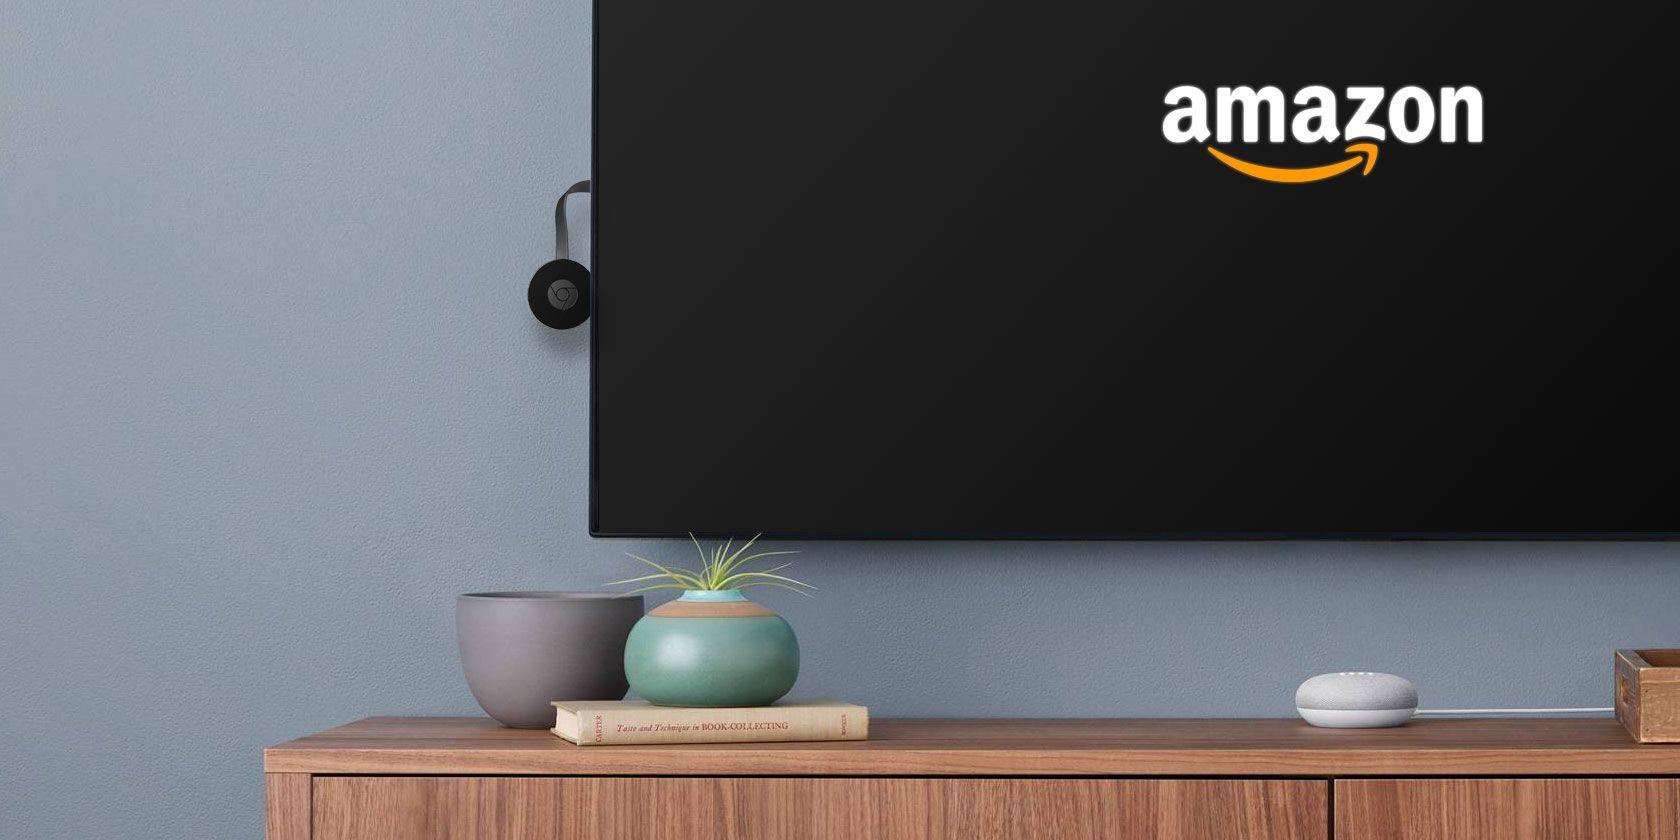 chromecast-amazon-tv